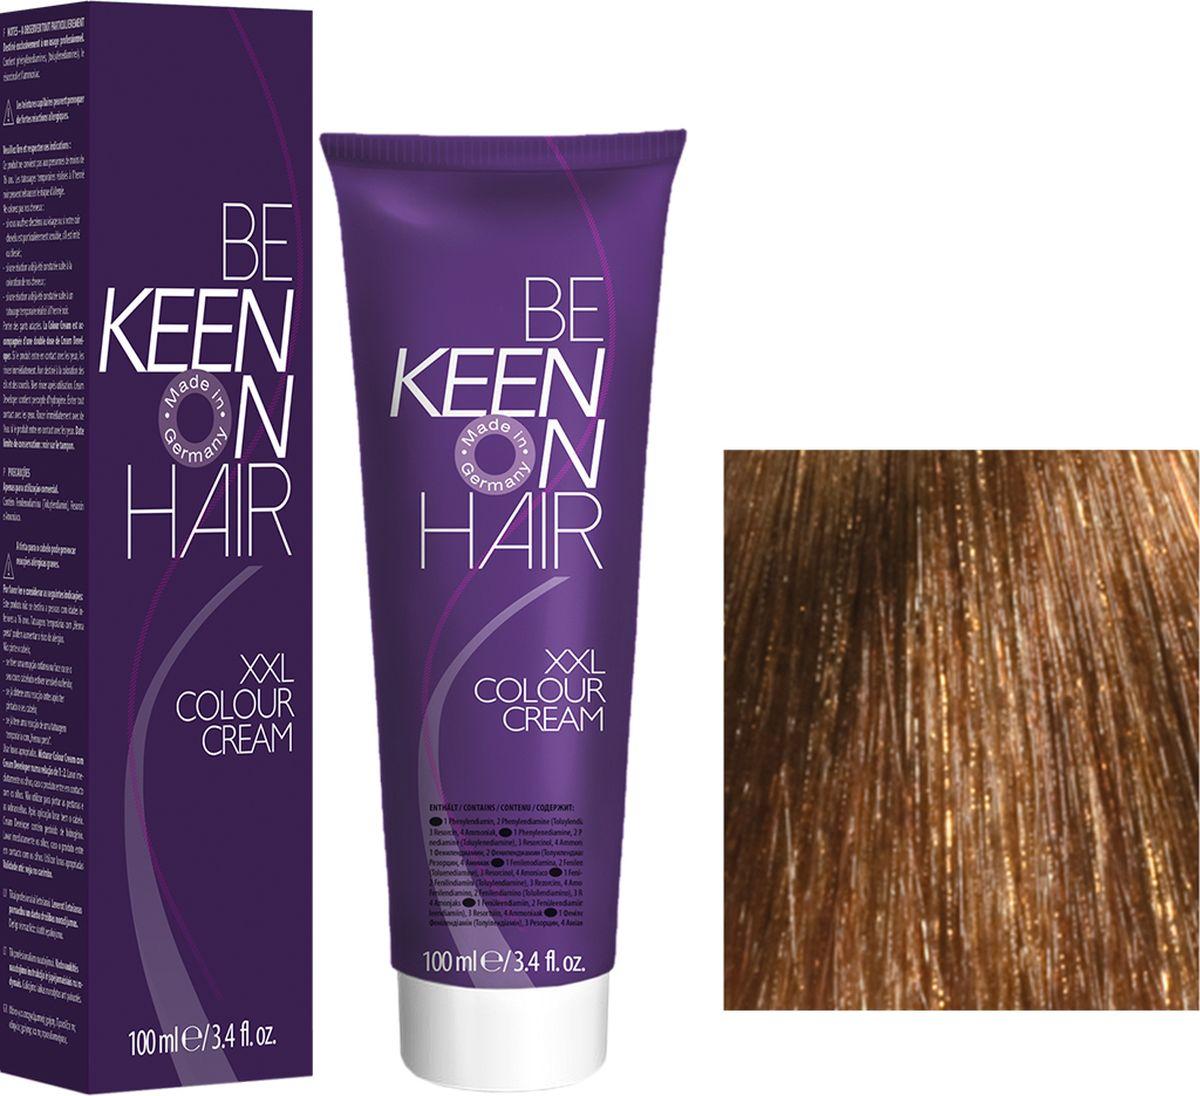 Keen Краска для волос 8.73 Мед Honig, 100 мл69100056Модные оттенкиБолее 100 оттенков для креативной комбинации цветов.ЭкономичностьПри использовании тюбика 100 мл вы получаете оптимальное соотношение цены и качества!УходМолочный белок поддерживает структуру волоса во время окрашивания и придает волосам блеск и шелковистость. Протеины хорошо встраиваются в волосы и снабжают их влагой.